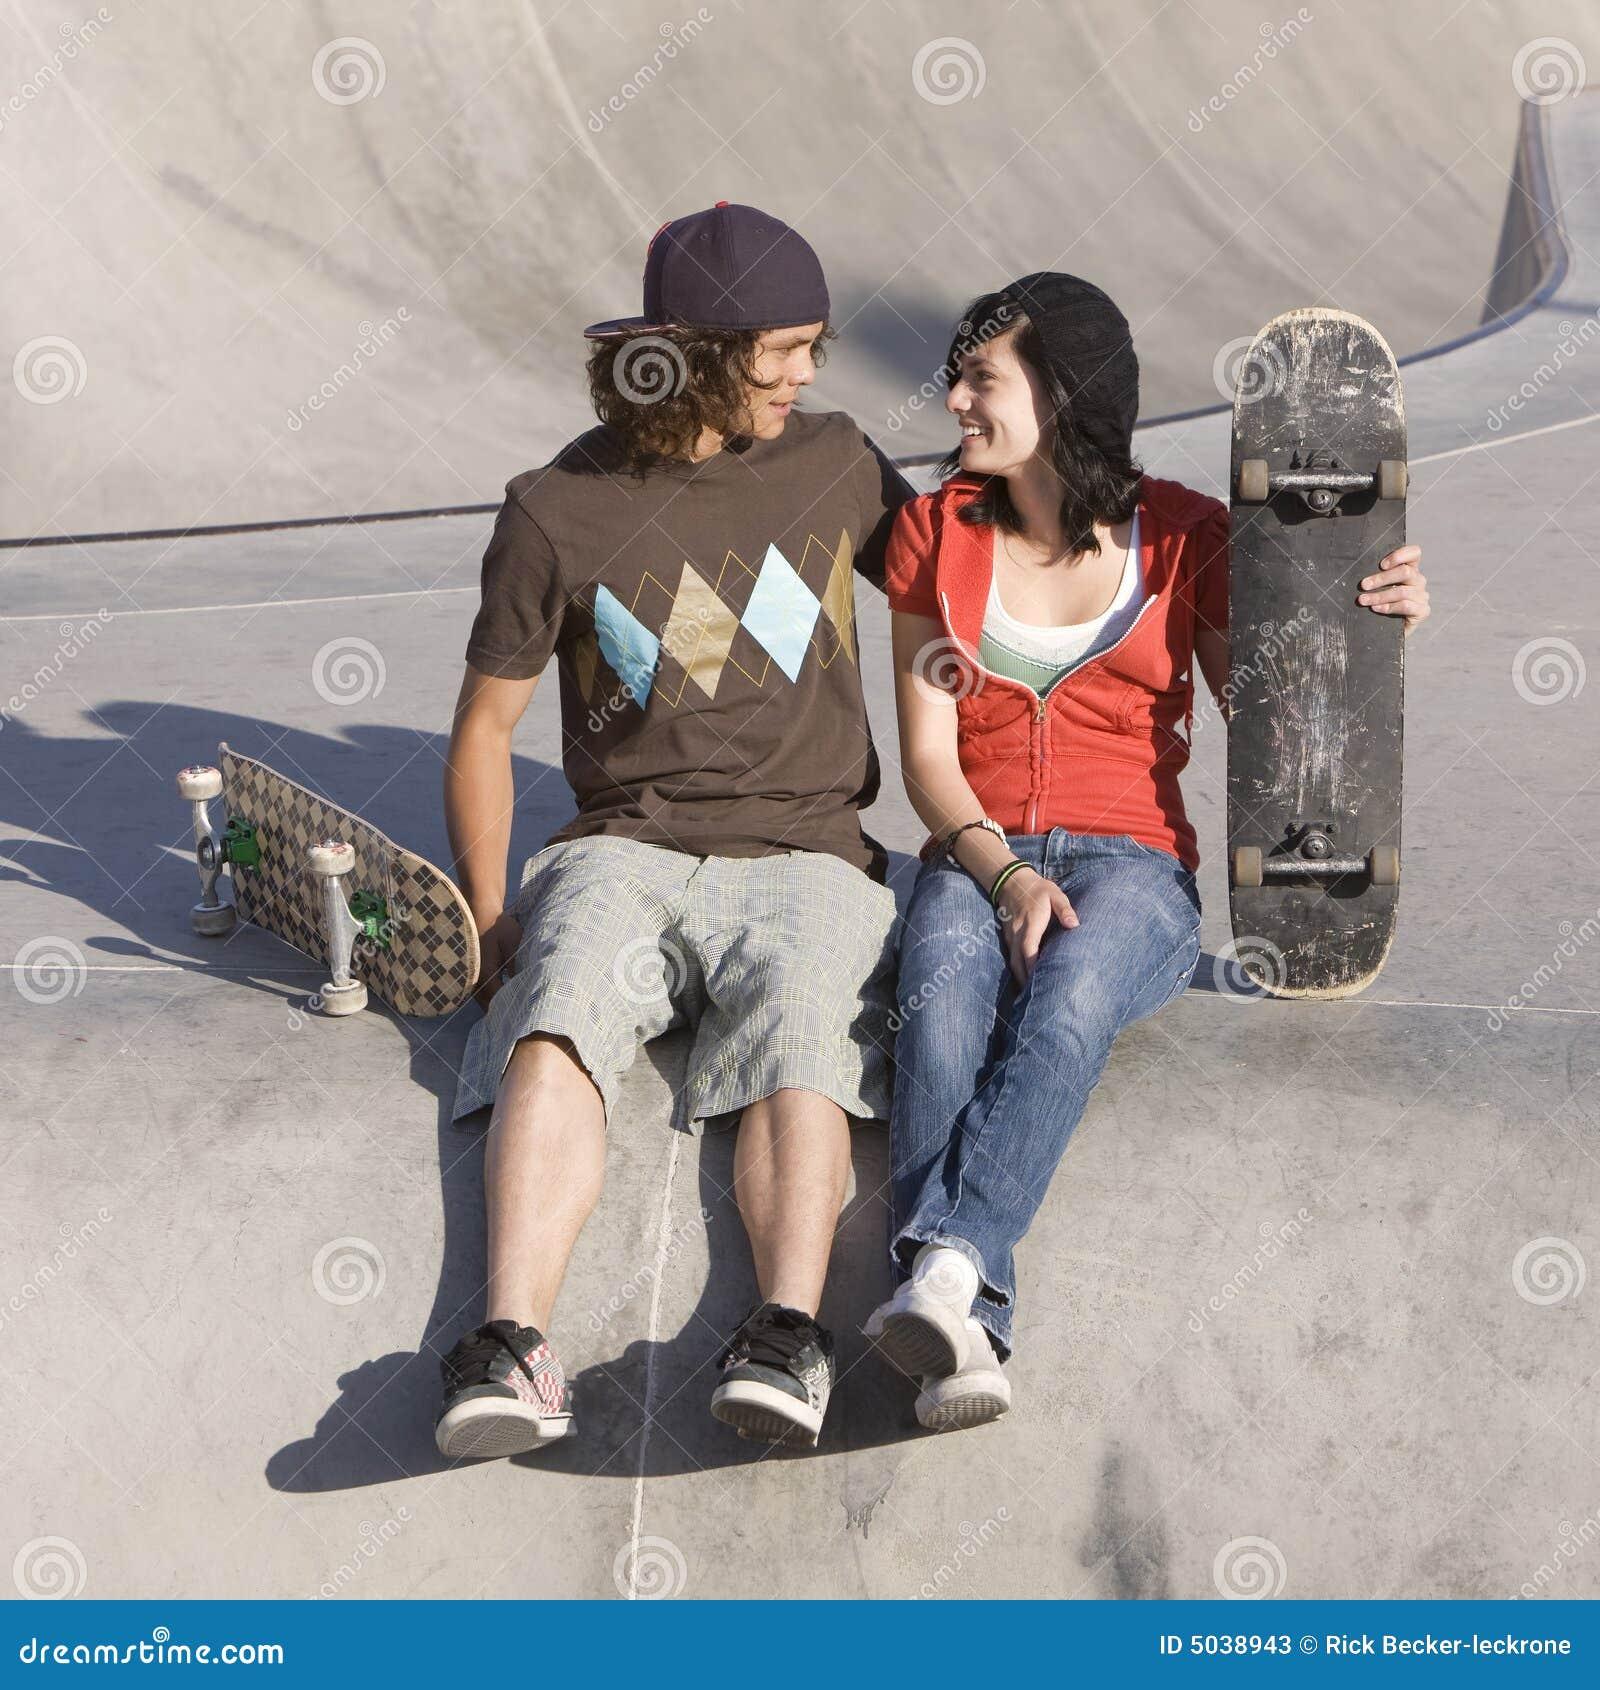 Lurar skatepark